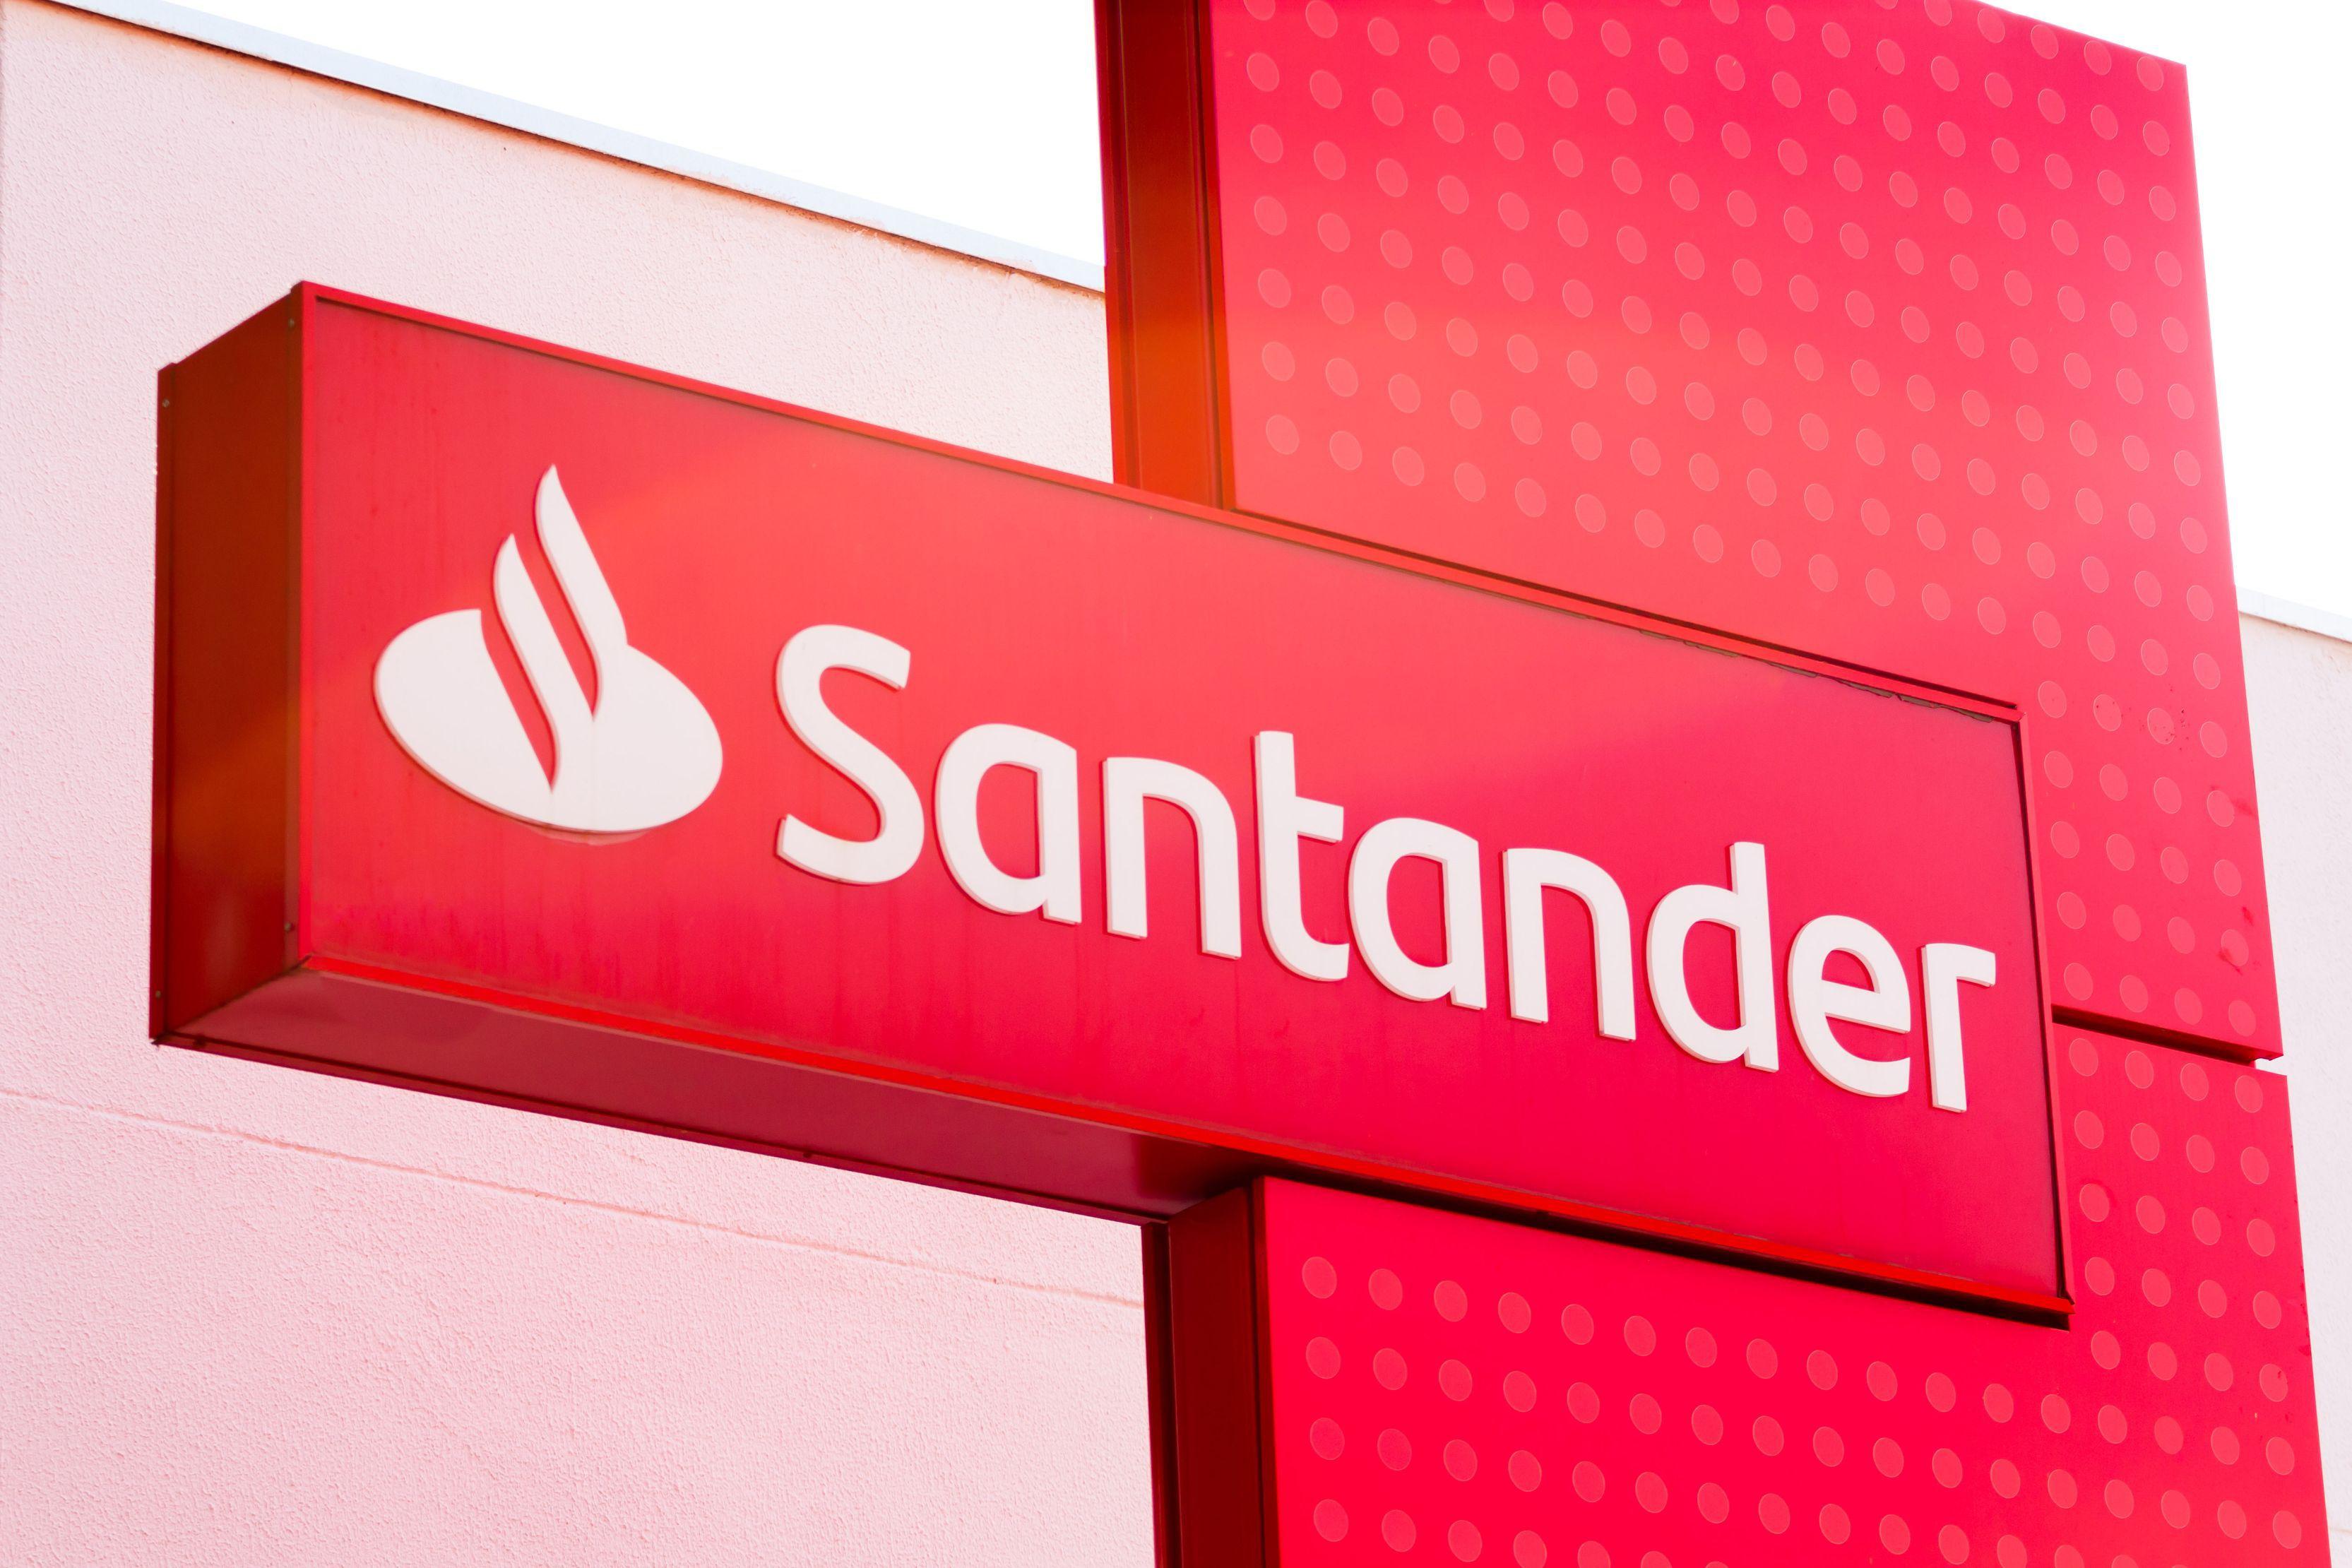 Spaniolii de la Santander au avut un profit net de 2,07 mld. euro în T2/2021, cu 35% mai mult faţă de T2/2020,(...)